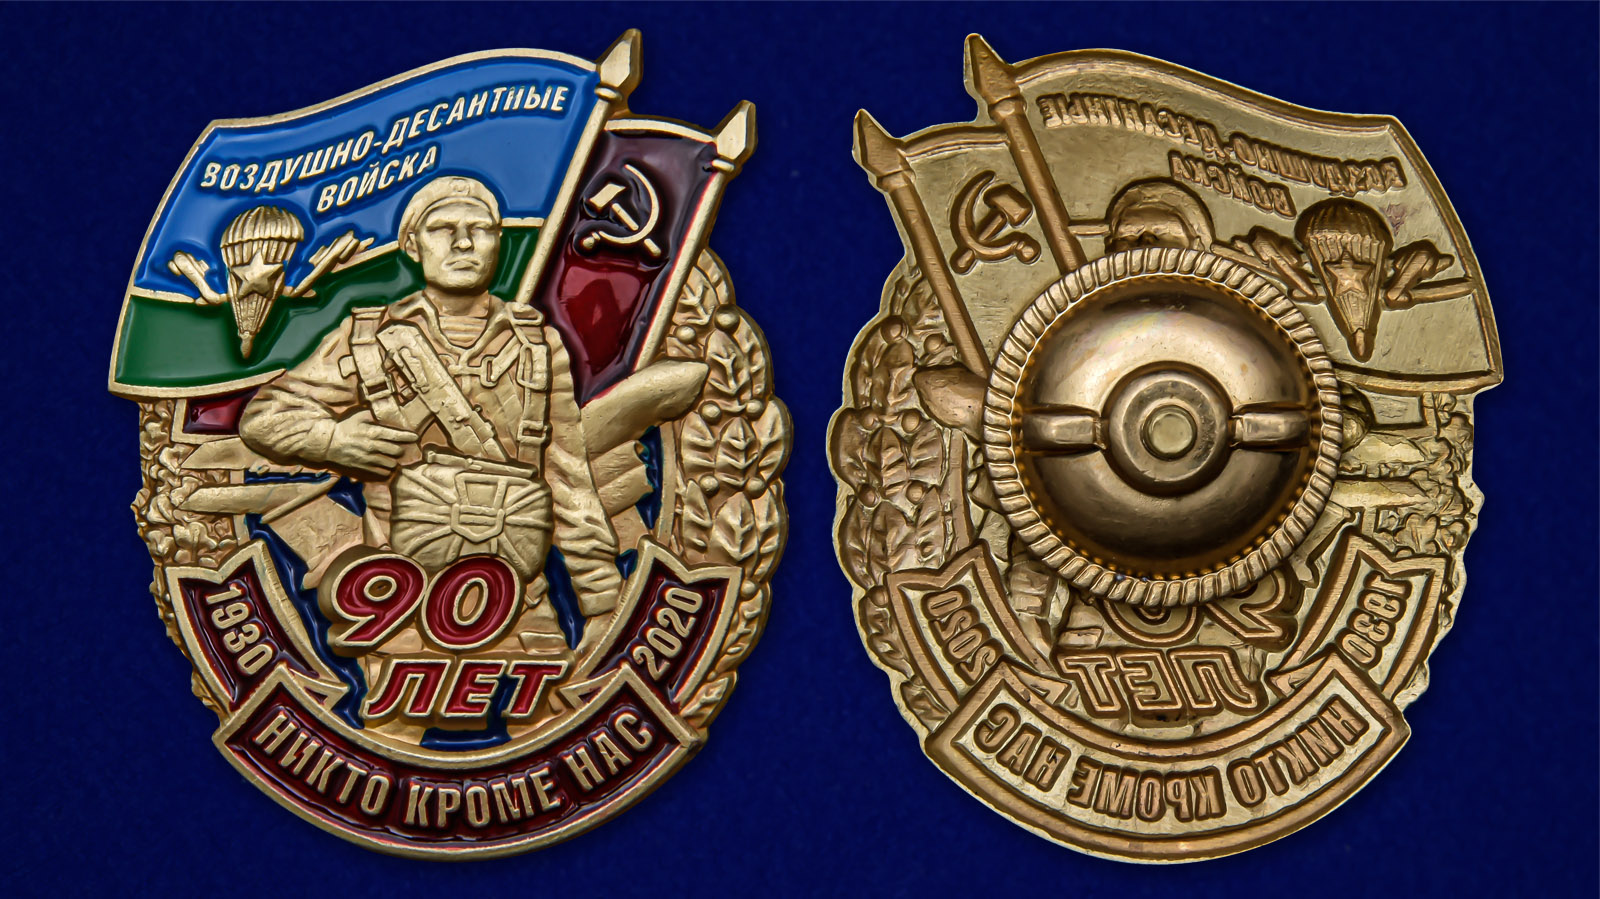 Памятный знак 90 лет Воздушно-десантным войскам - аверс и реверс